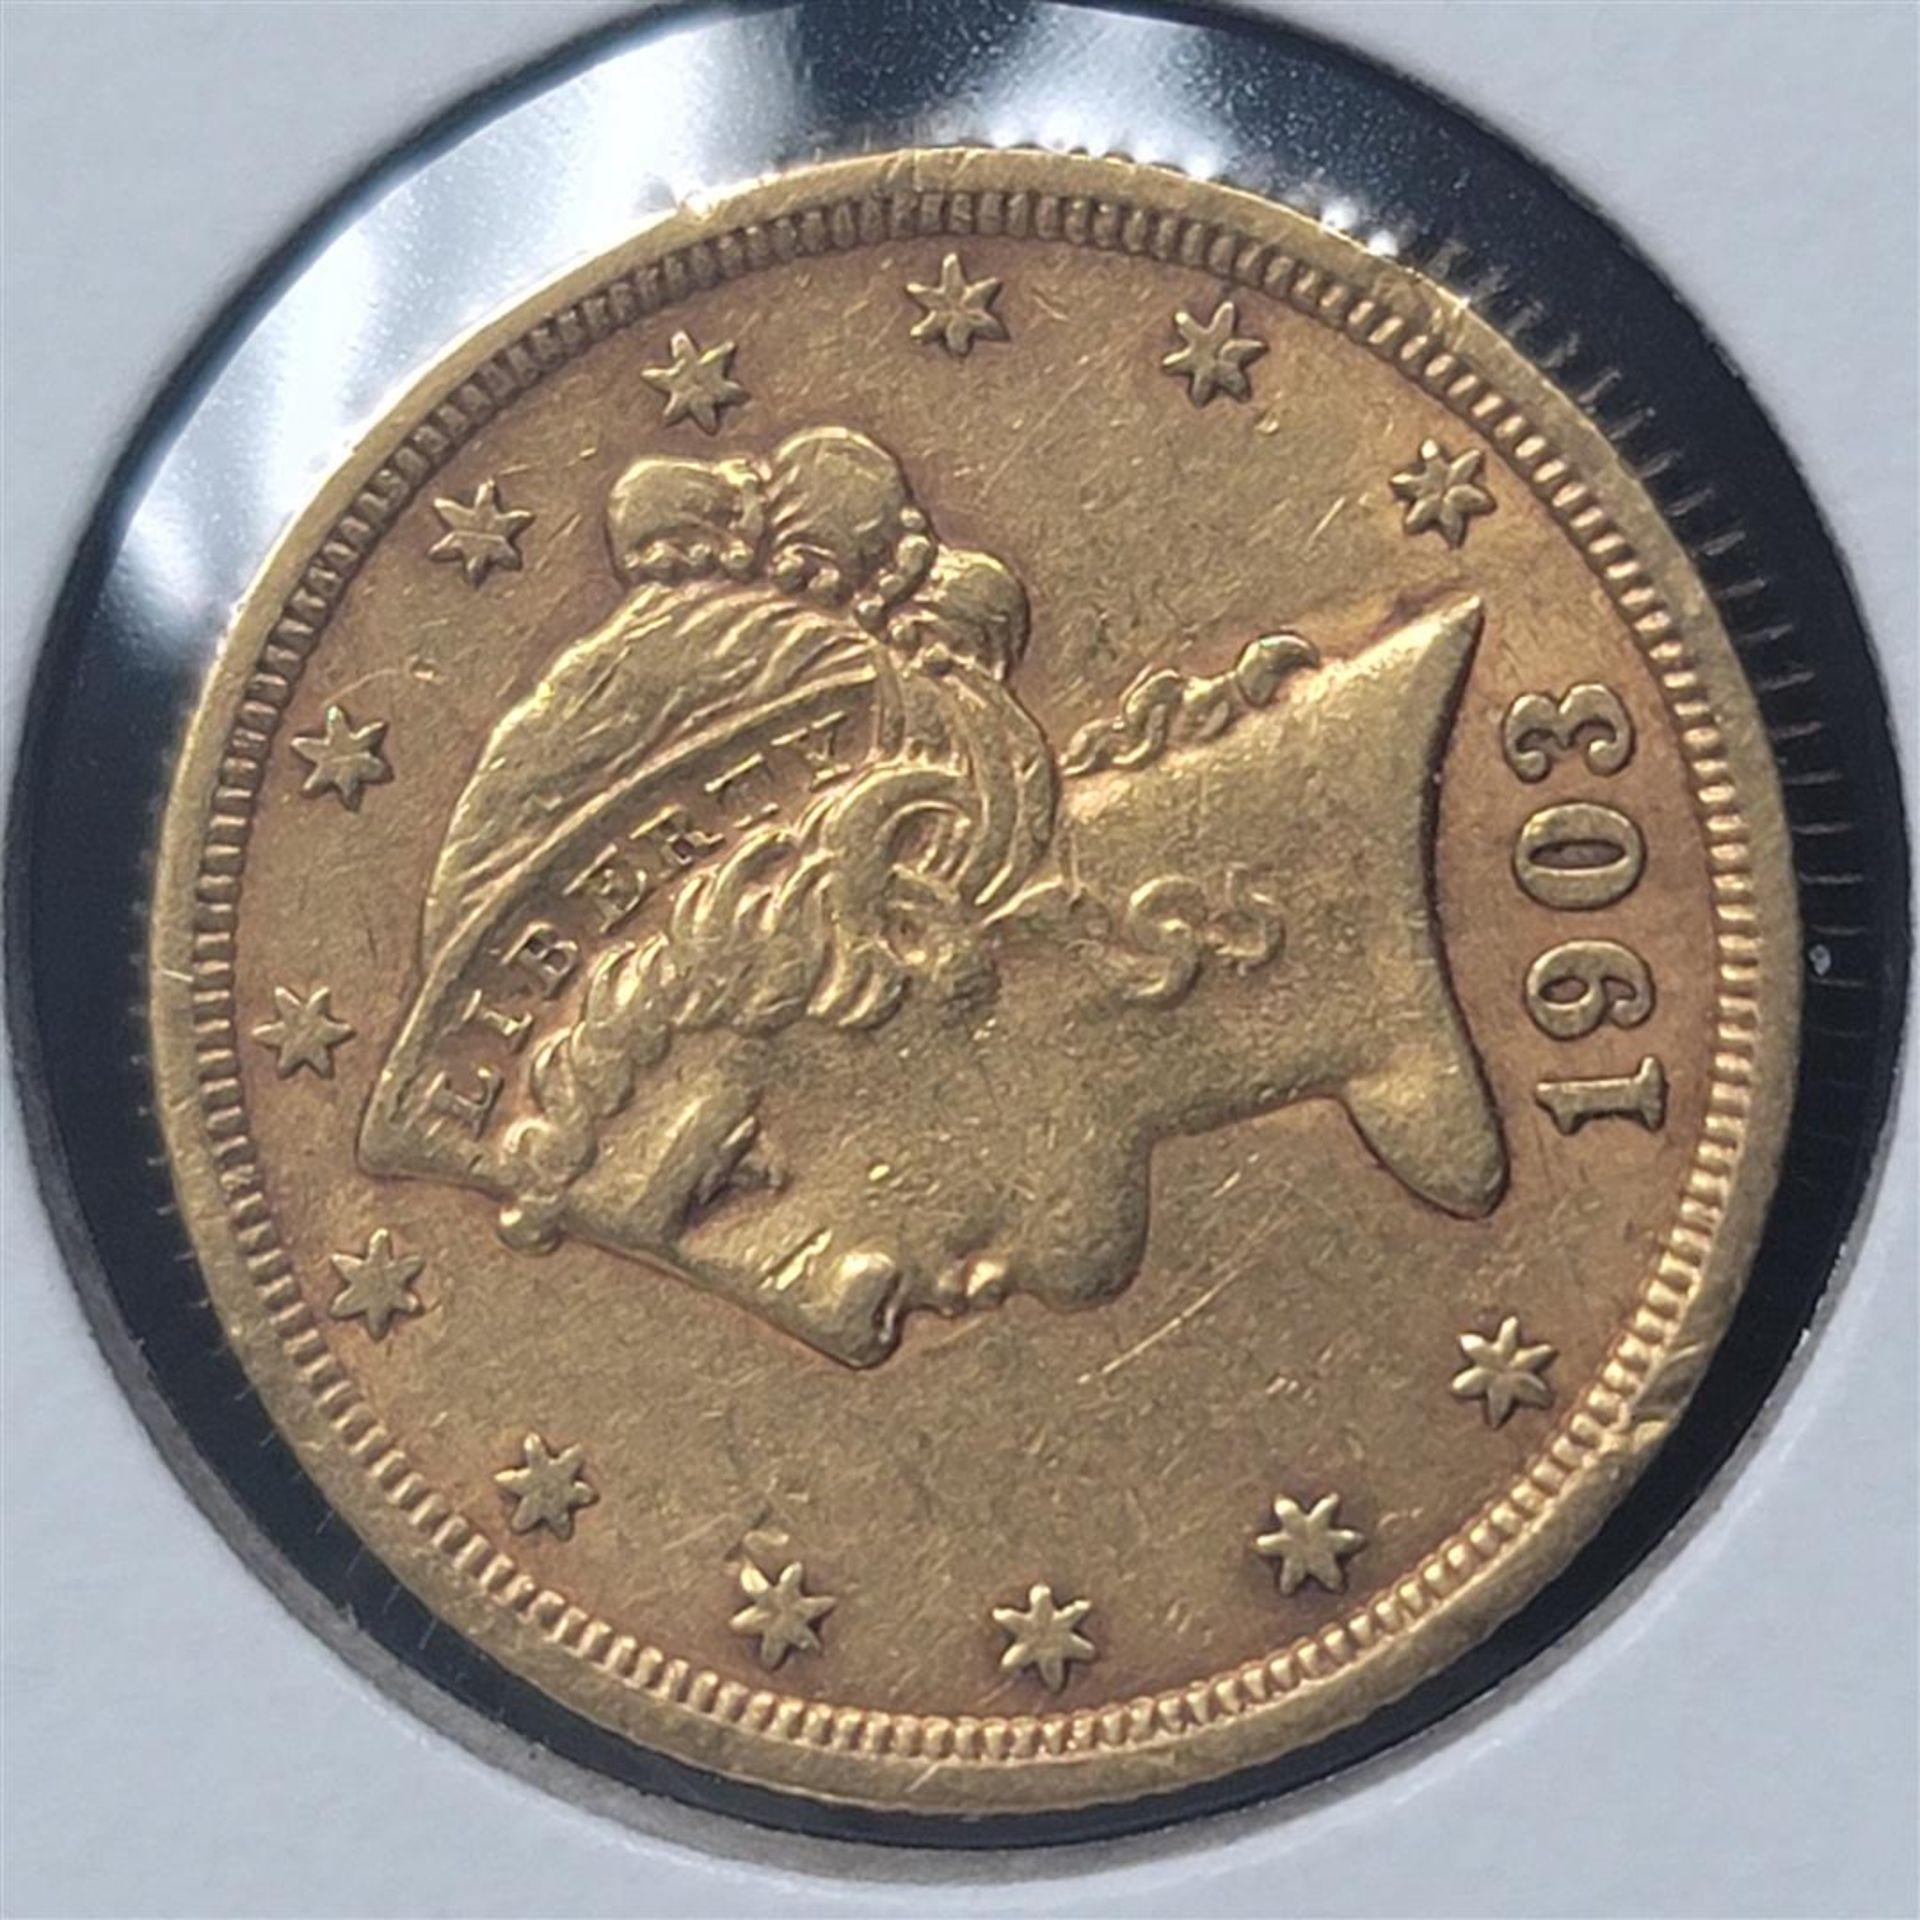 1903-S $5 Liberty Head Half Eagle AU - Image 2 of 4